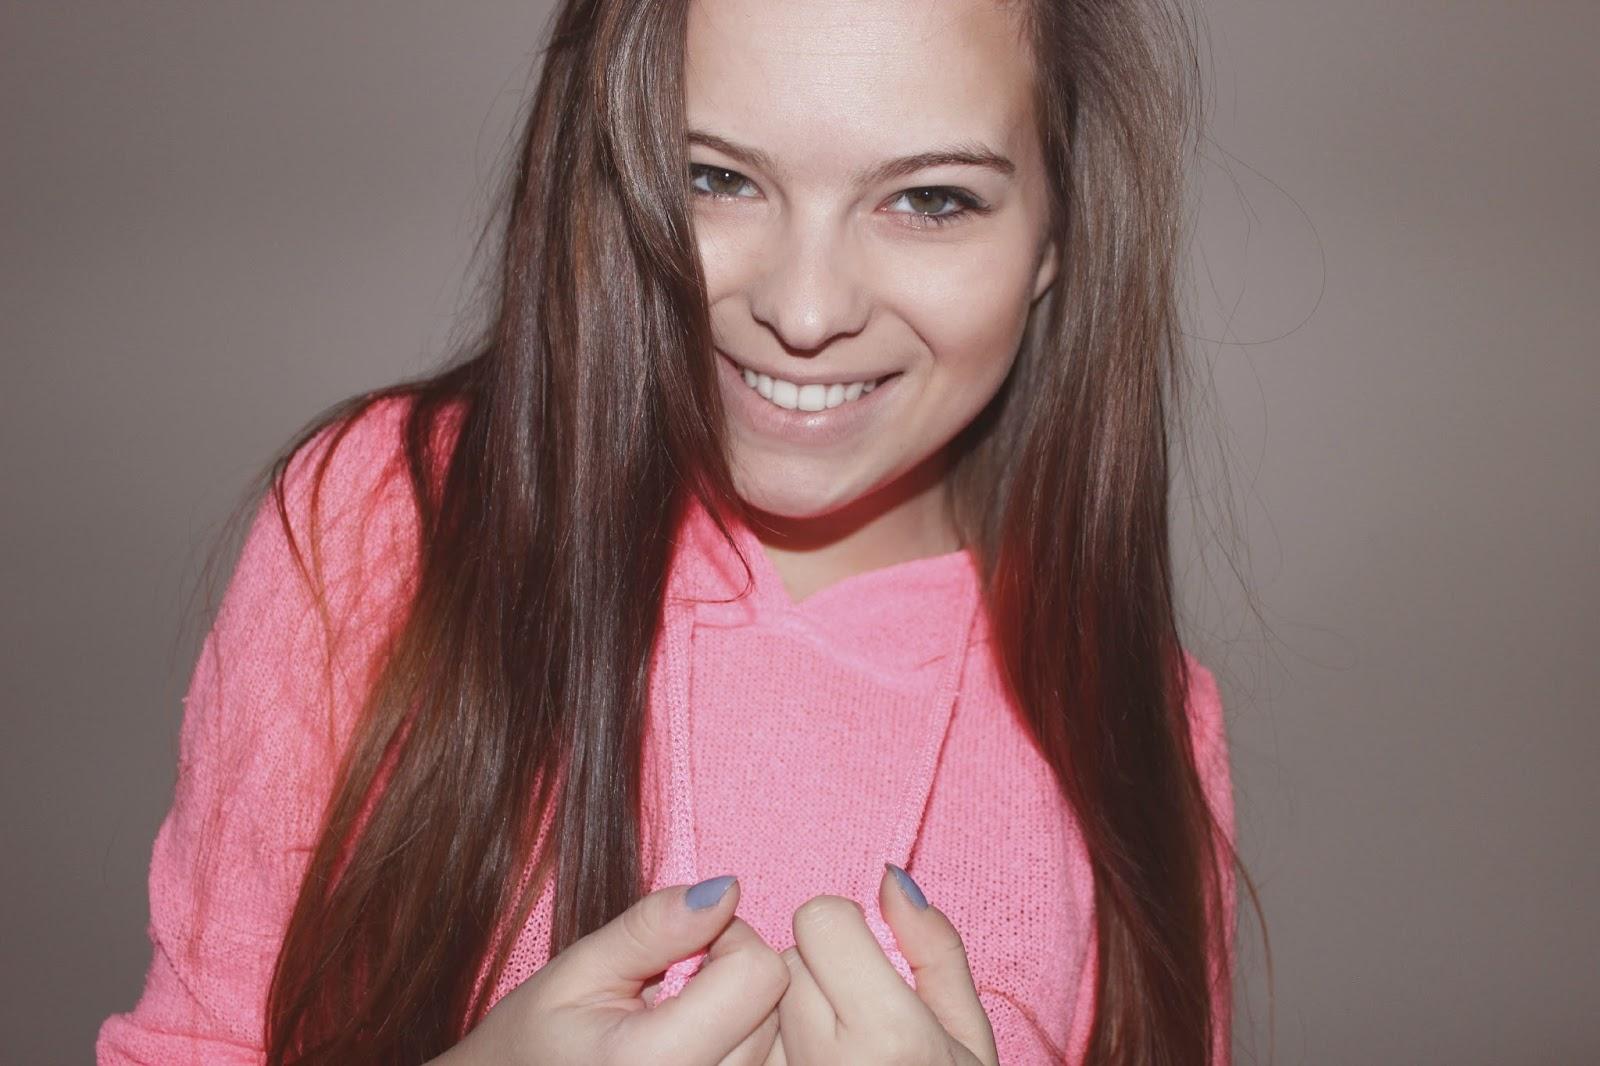 ❄ Neonowy sweterek/bluza.